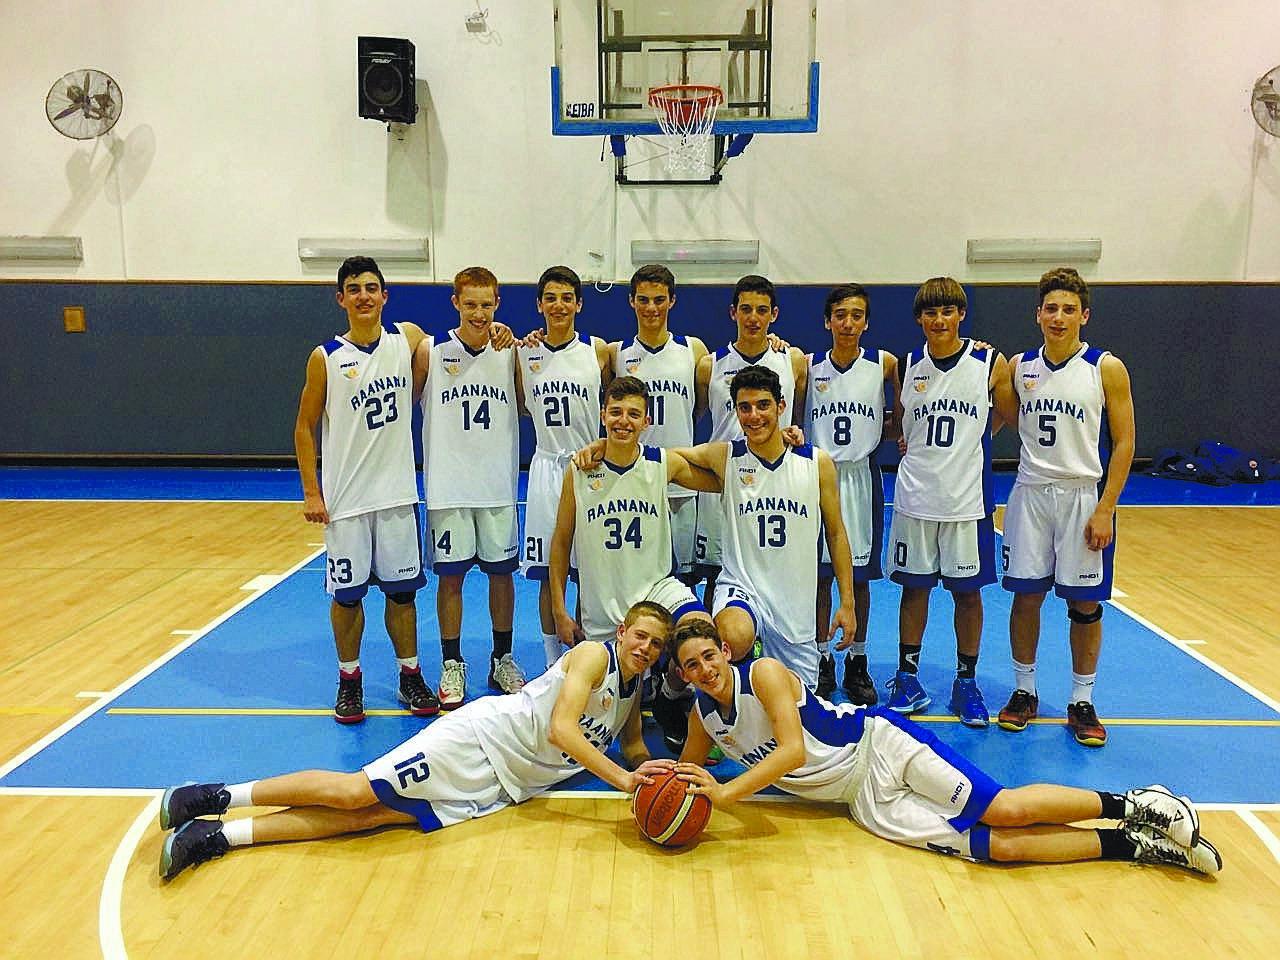 קבוצת נערים ב' של עירוני רעננה צילום: באדיבות קבוצת נערים ב' של עירוני רעננה